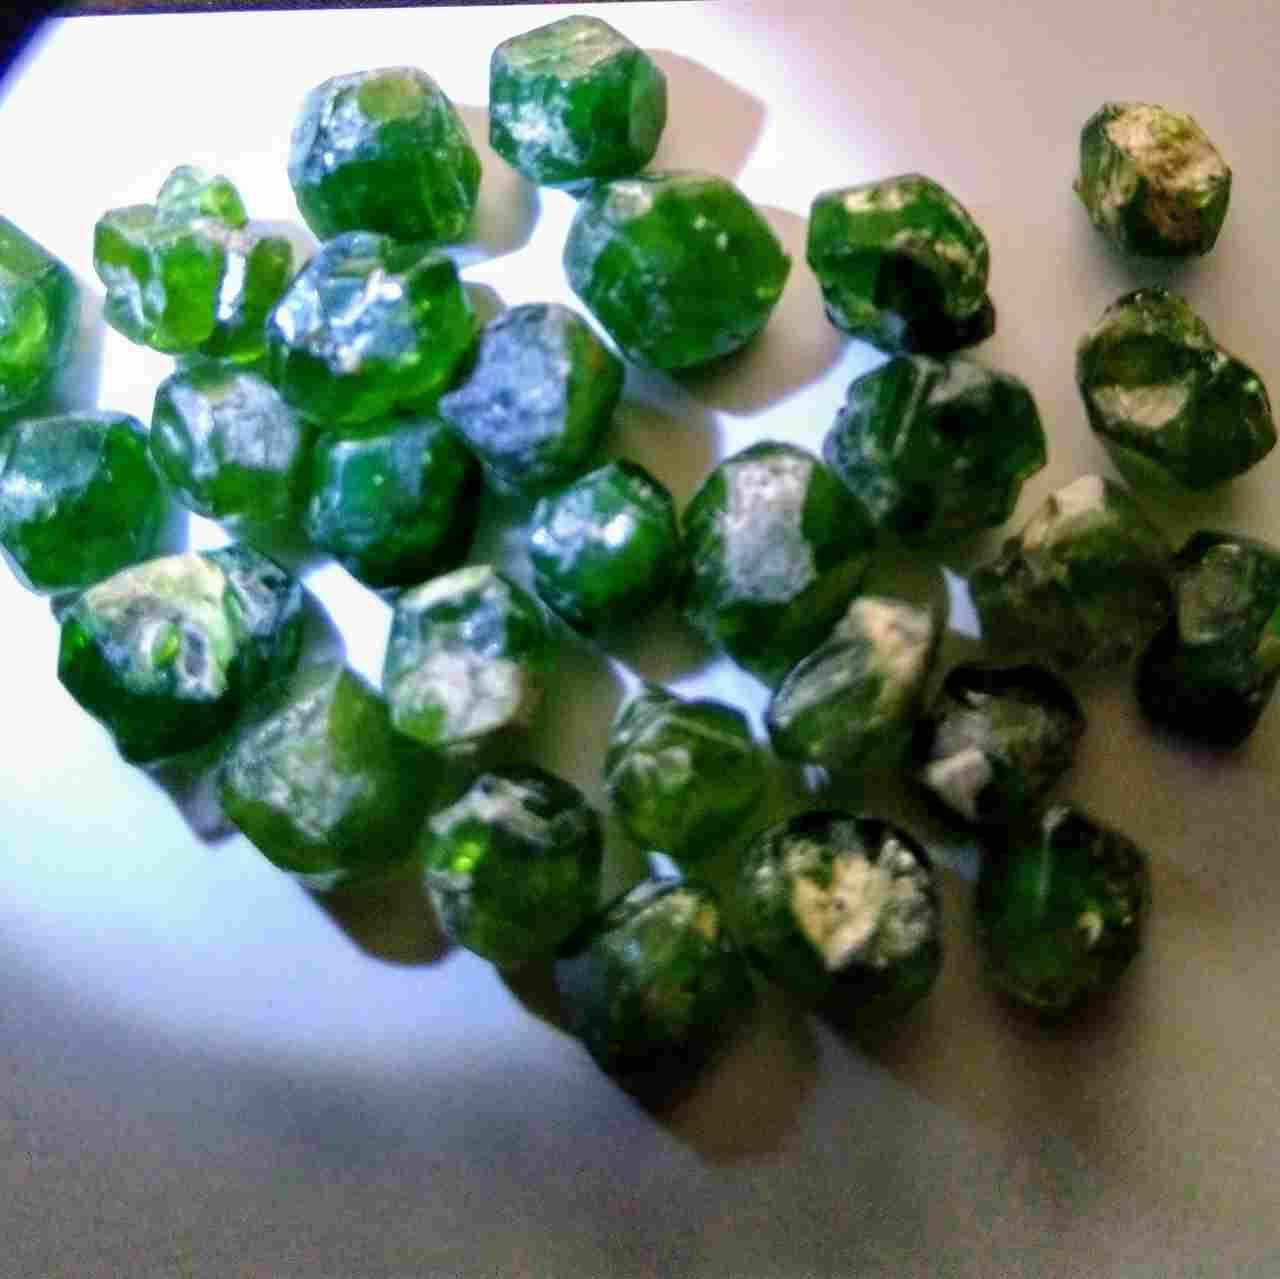 فروش سنگ های قیمتی و نیمه قیمتی